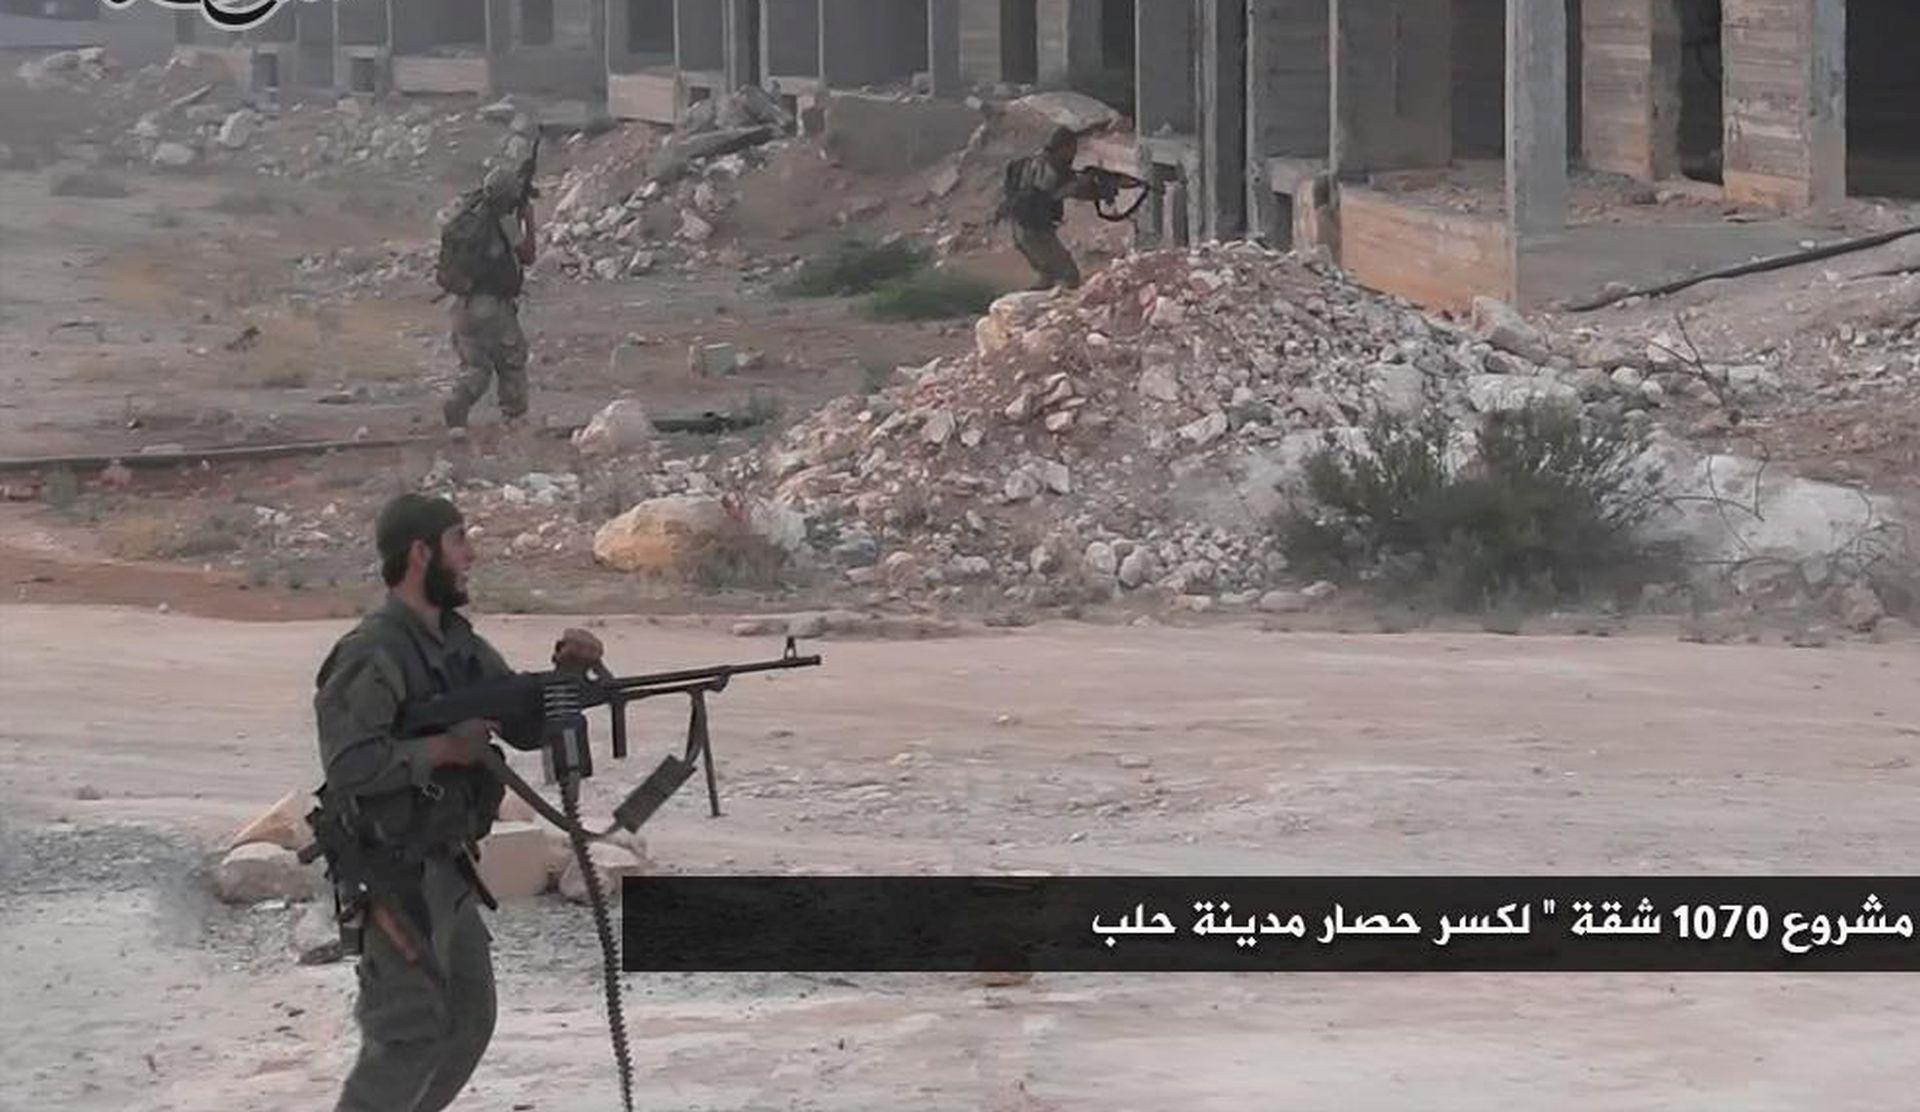 POSLANO POJAČANJE: Vladine snage pripremaju protunapad u Alepu